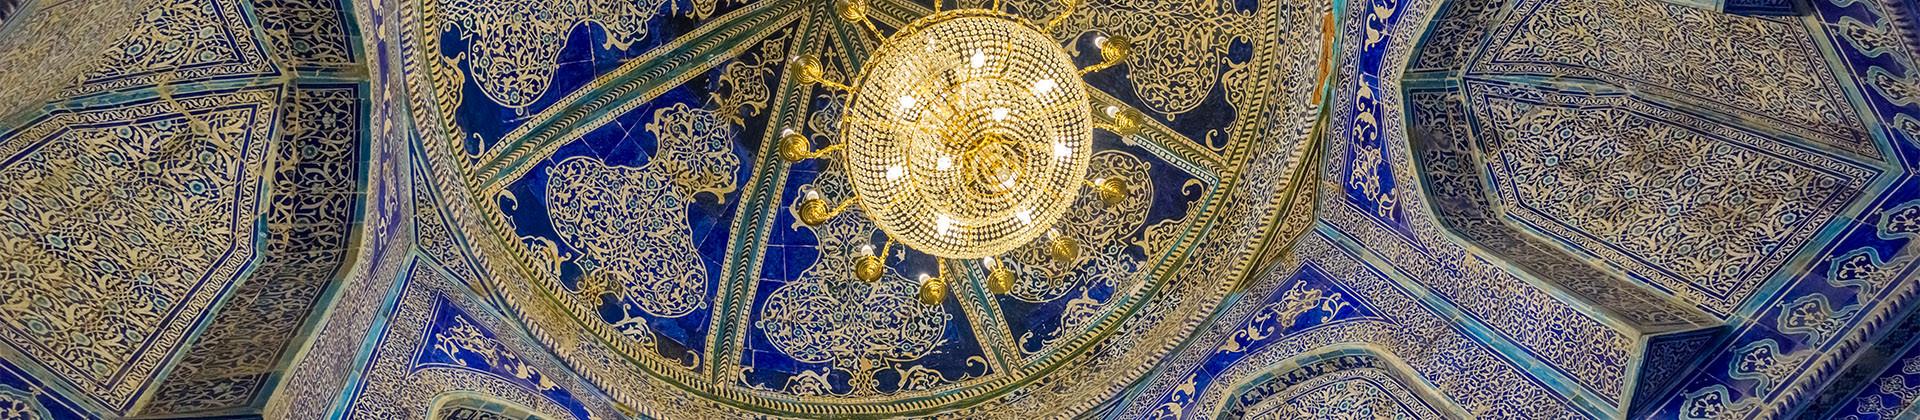 Wonderful Uzbekistan (Economy) - 1